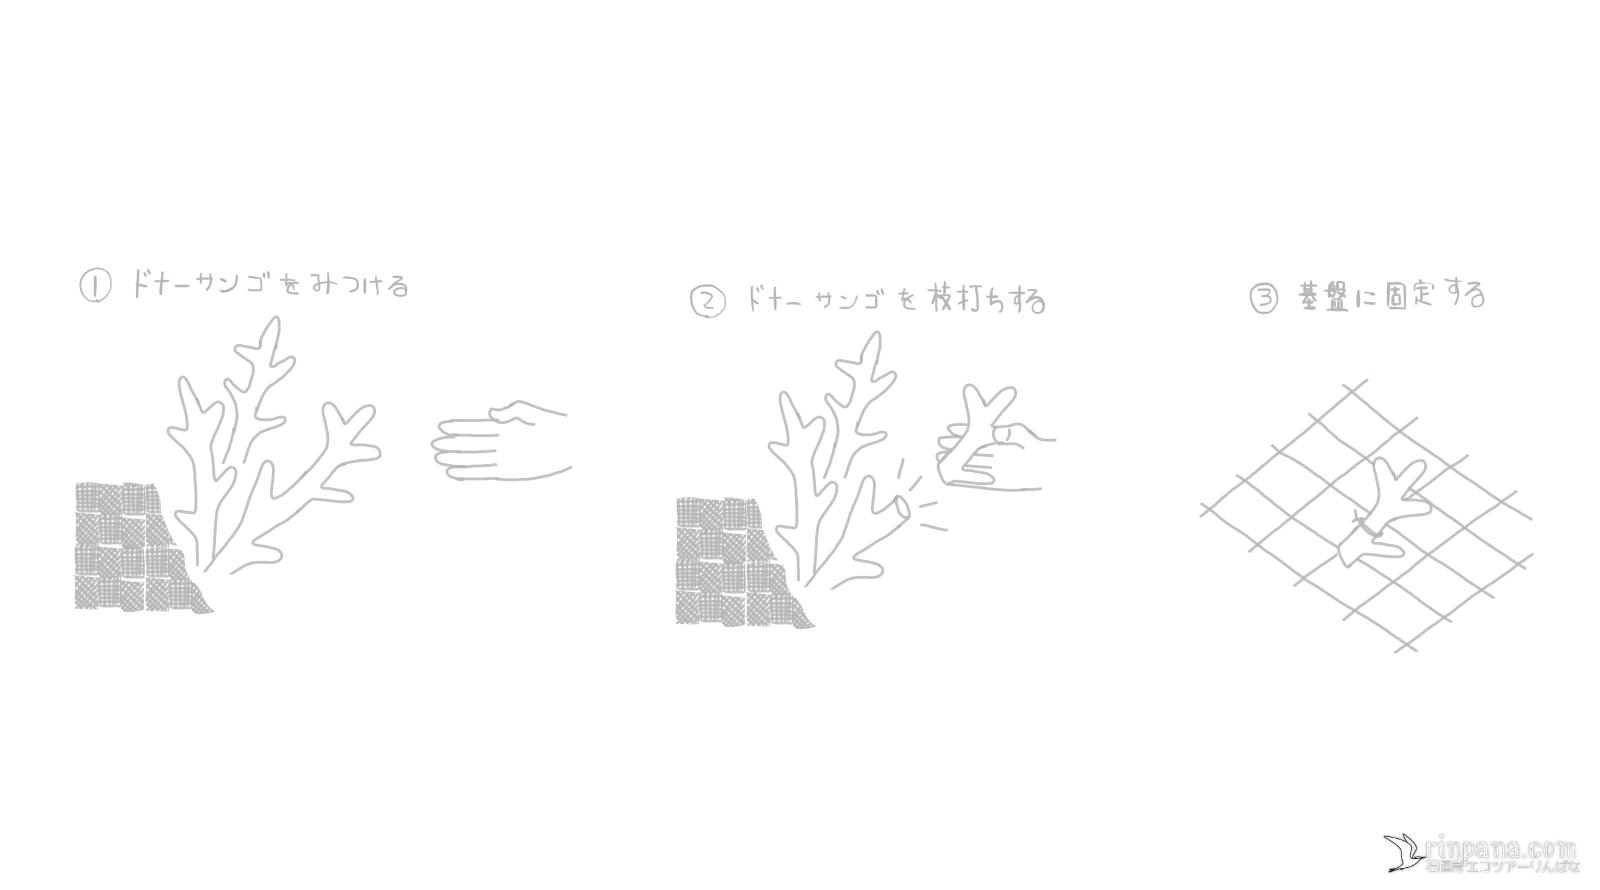 サンゴの無性生殖での移植